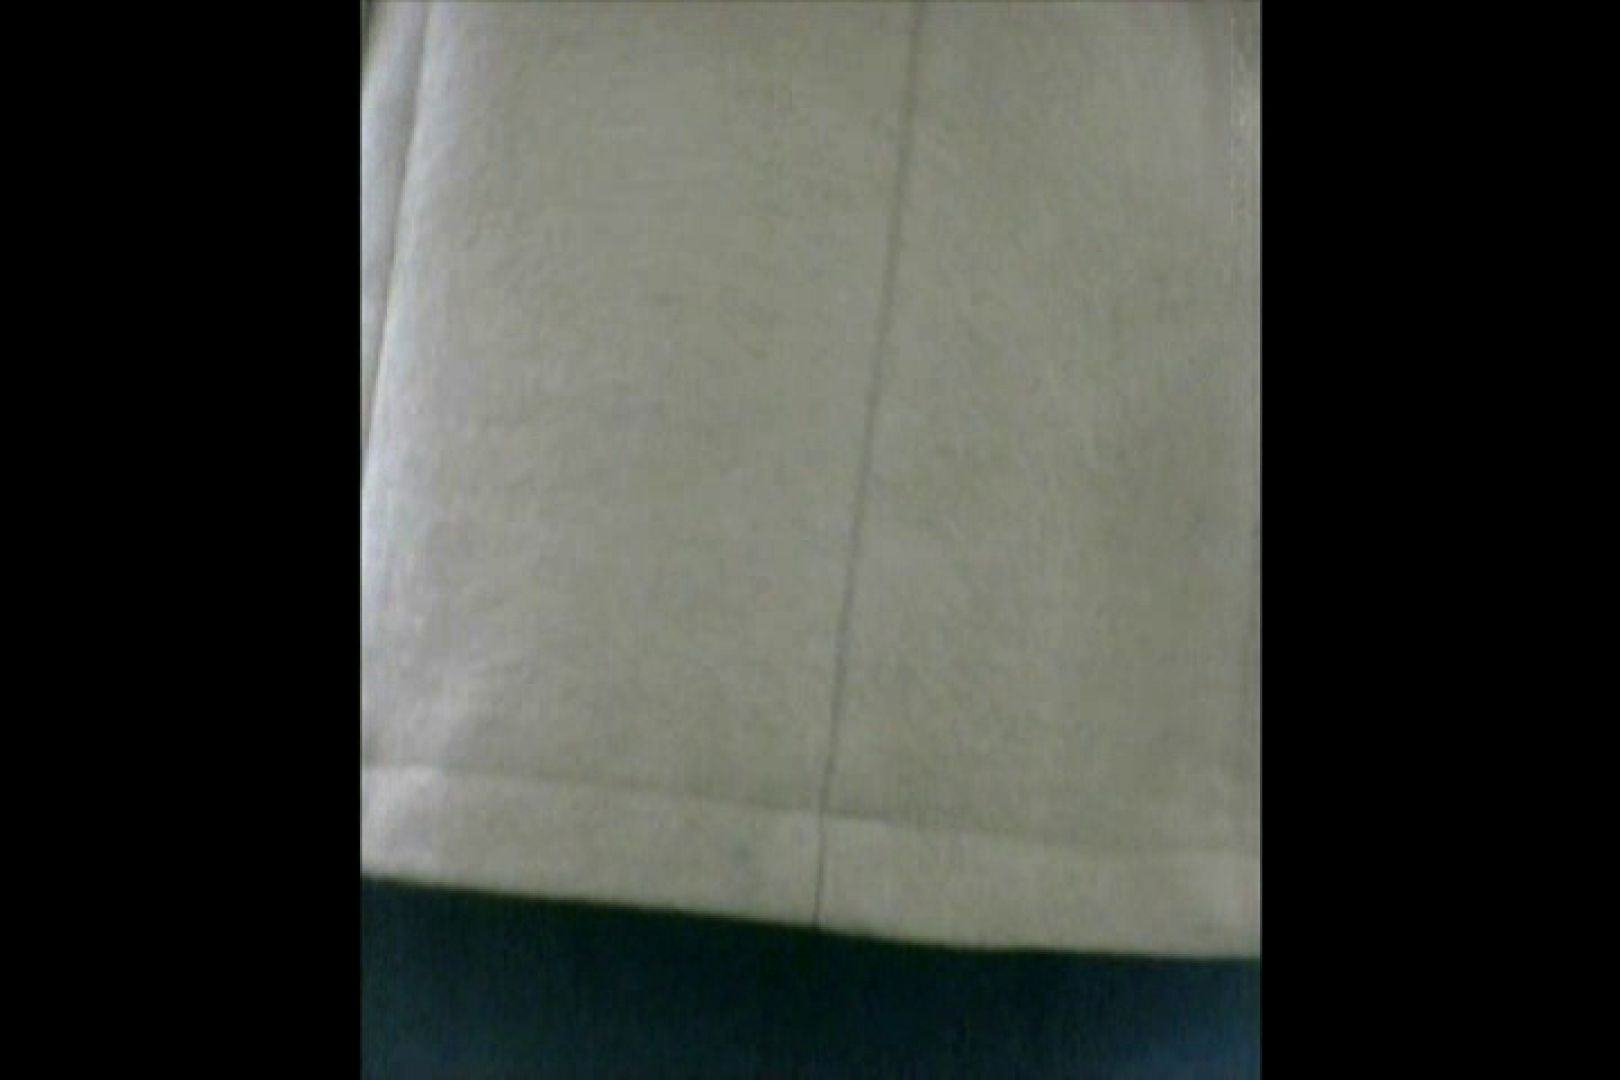 美女洗面所!痴態の生現場その06 美女丸裸 おめこ無修正動画無料 75pic 67